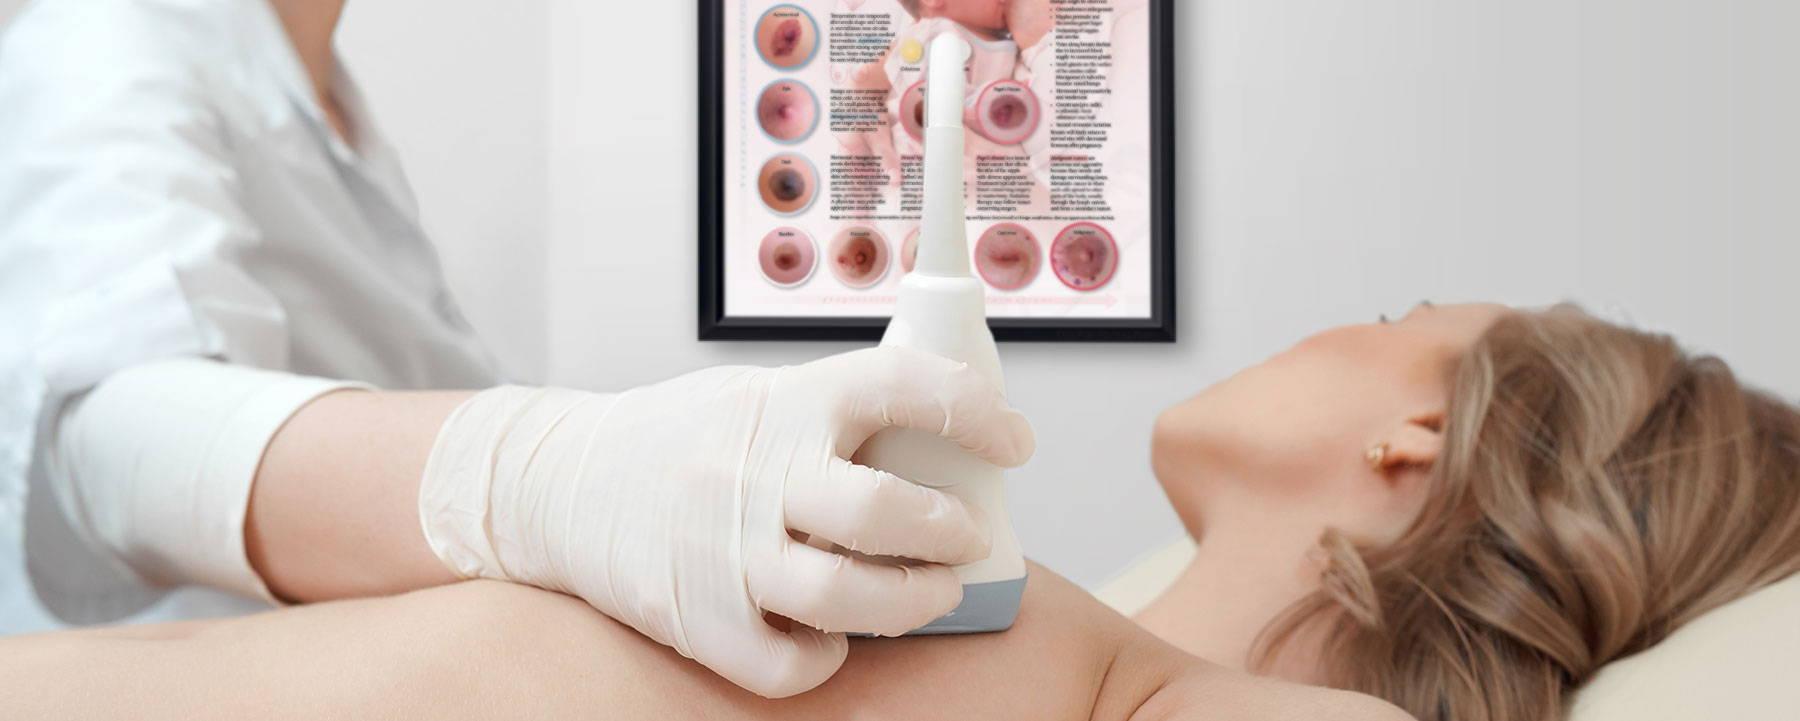 Female Breast Exam